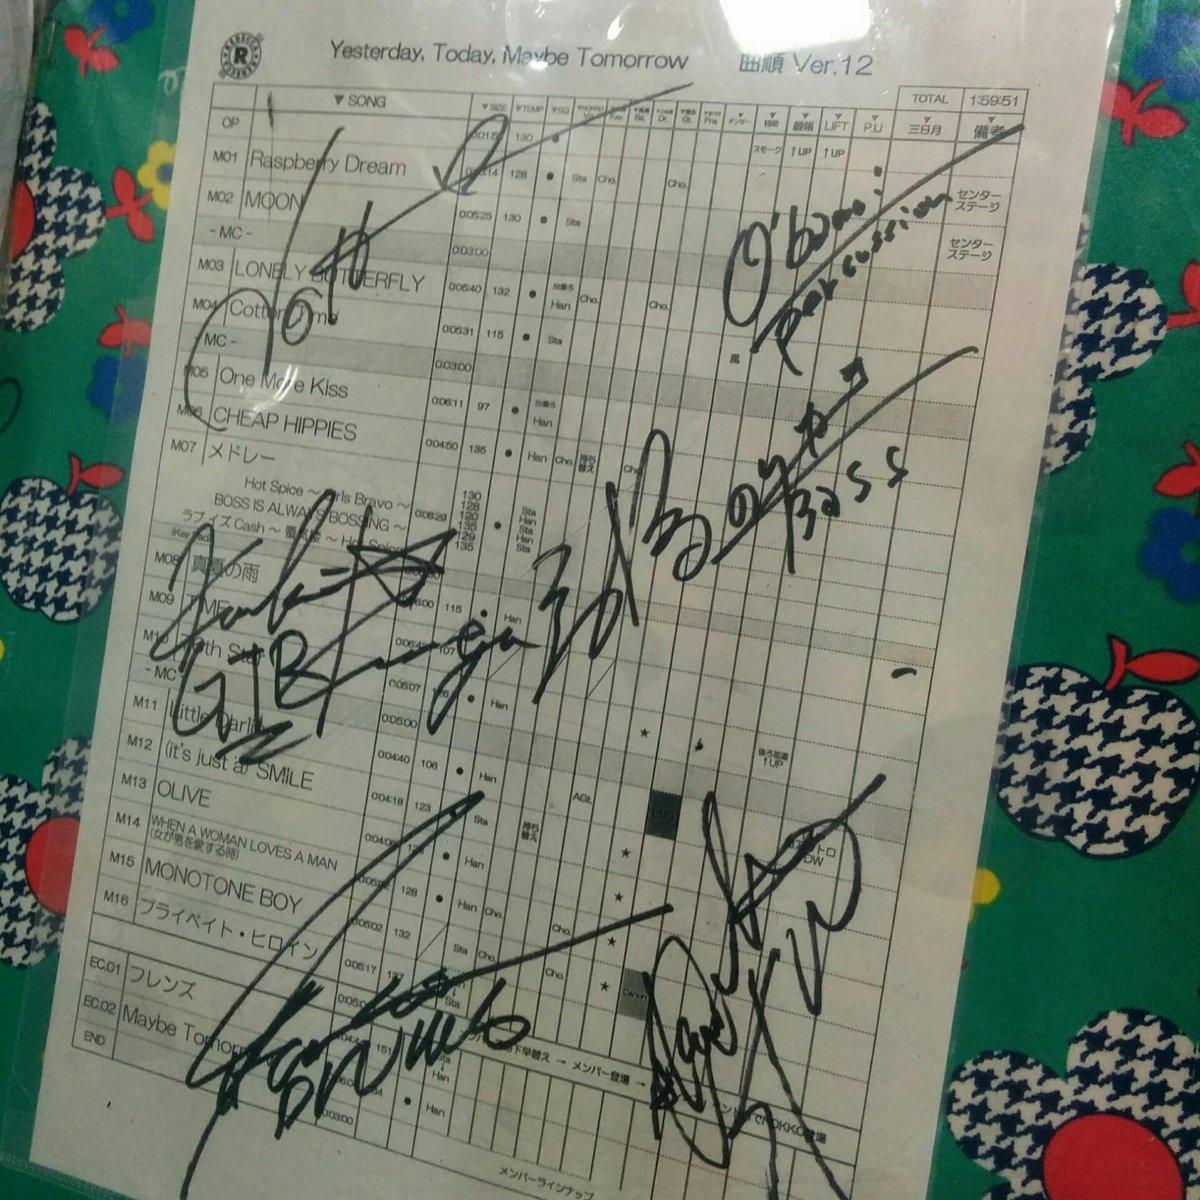 レベッカの衣装つくったら、セトリに全員のサインもらったって自慢された http://t.co/z3bnquynWZ